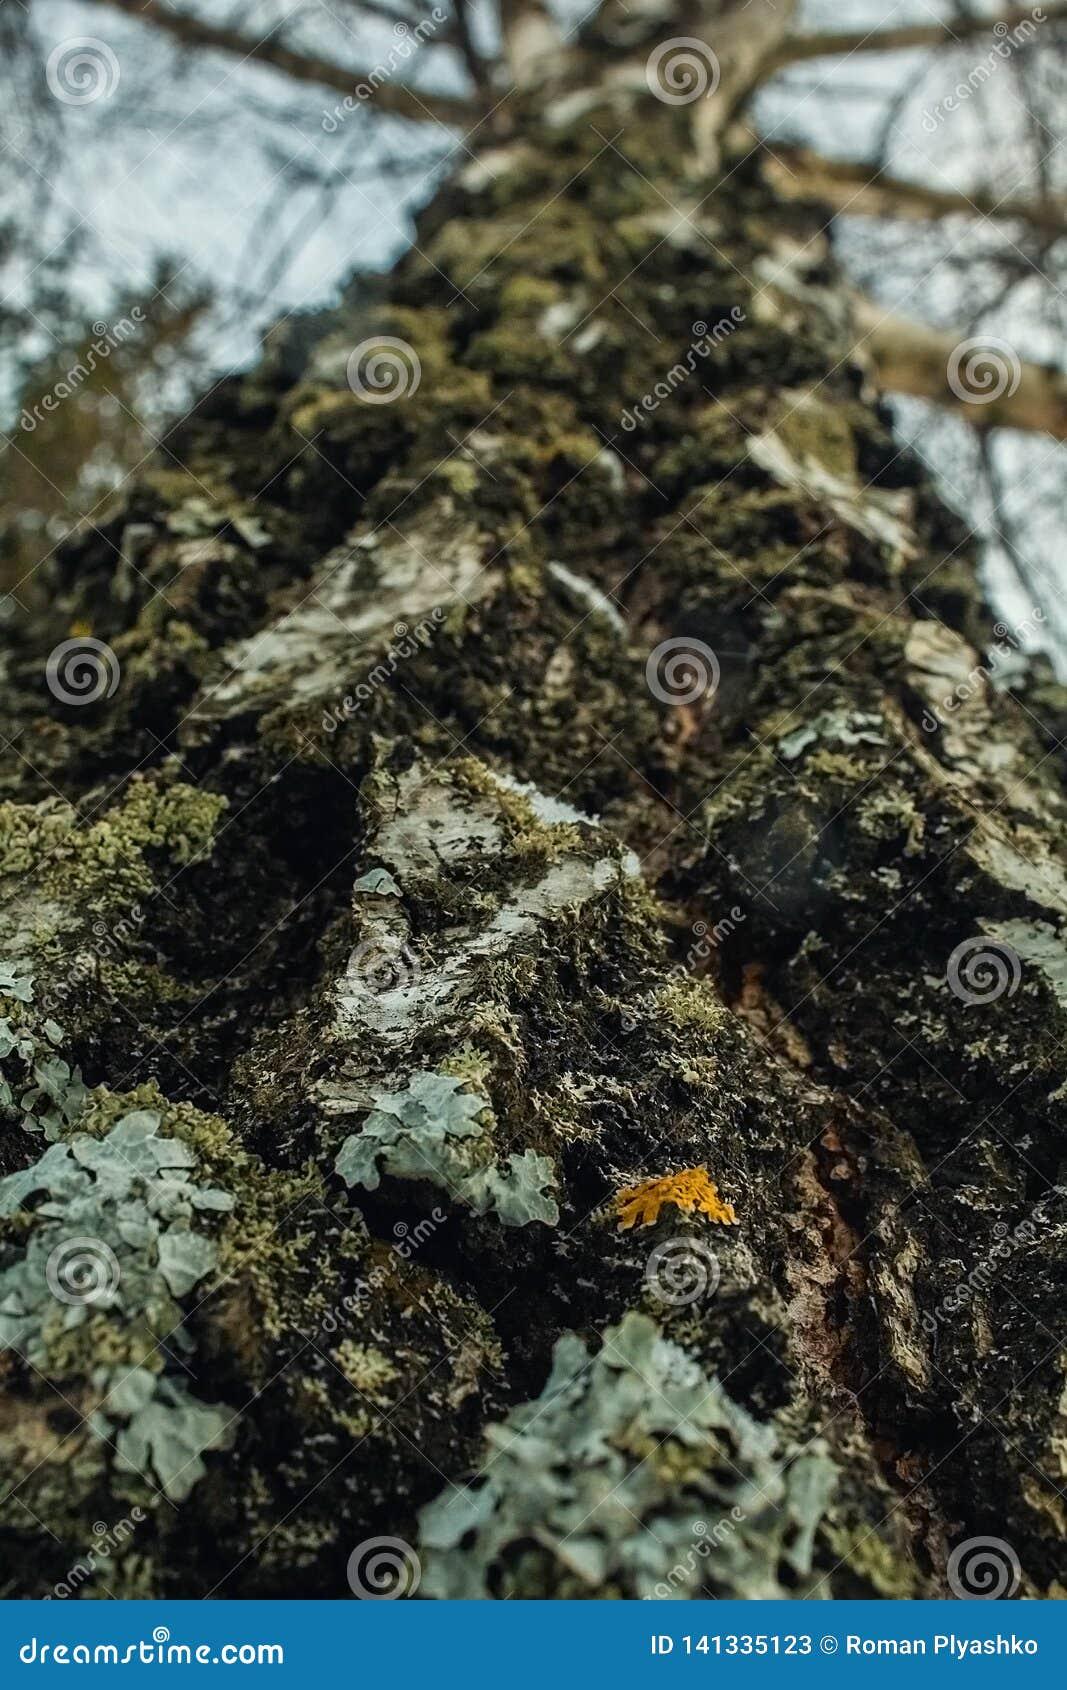 Ευρύ, μεγάλο δέντρο Όλος υψηλότερος και υψηλότερος και υψηλότερος